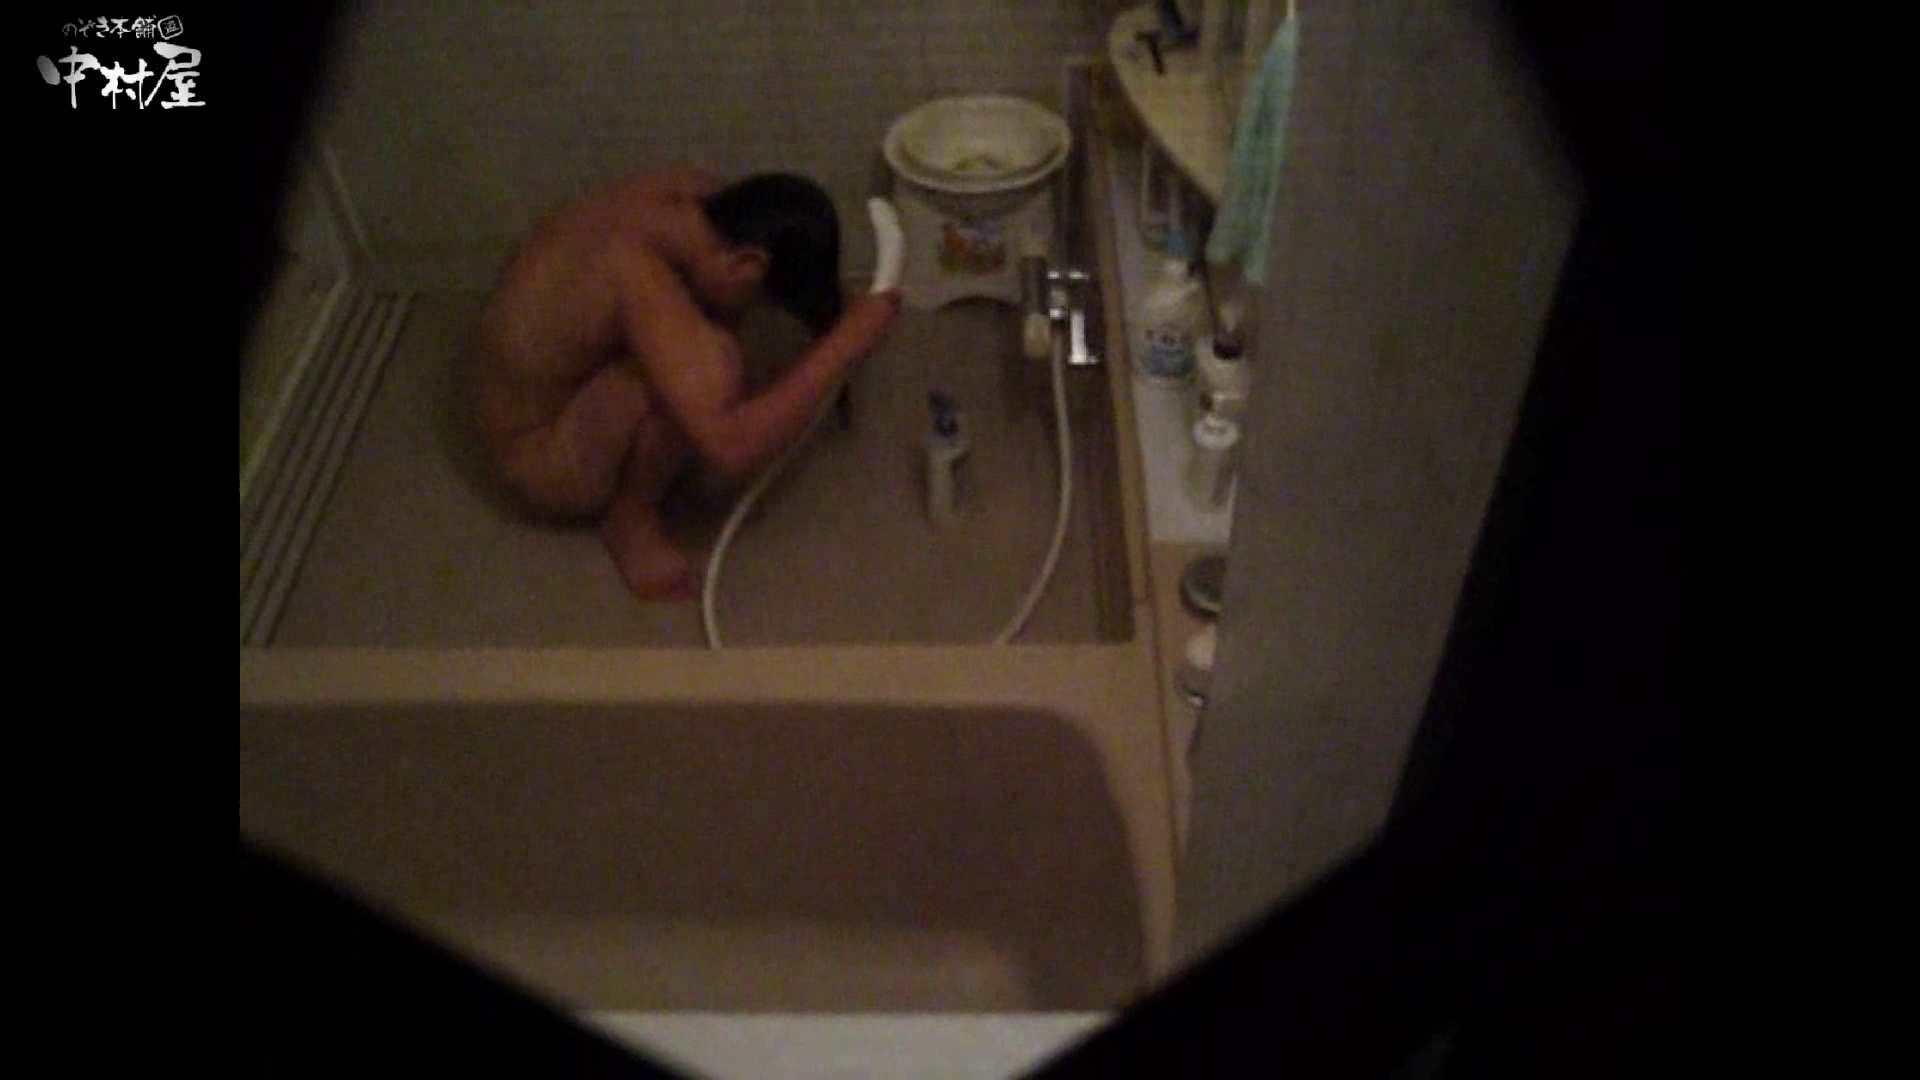 民家風呂専門盗撮師の超危険映像 vol.018 美少女丸裸 セックス画像 85pic 47